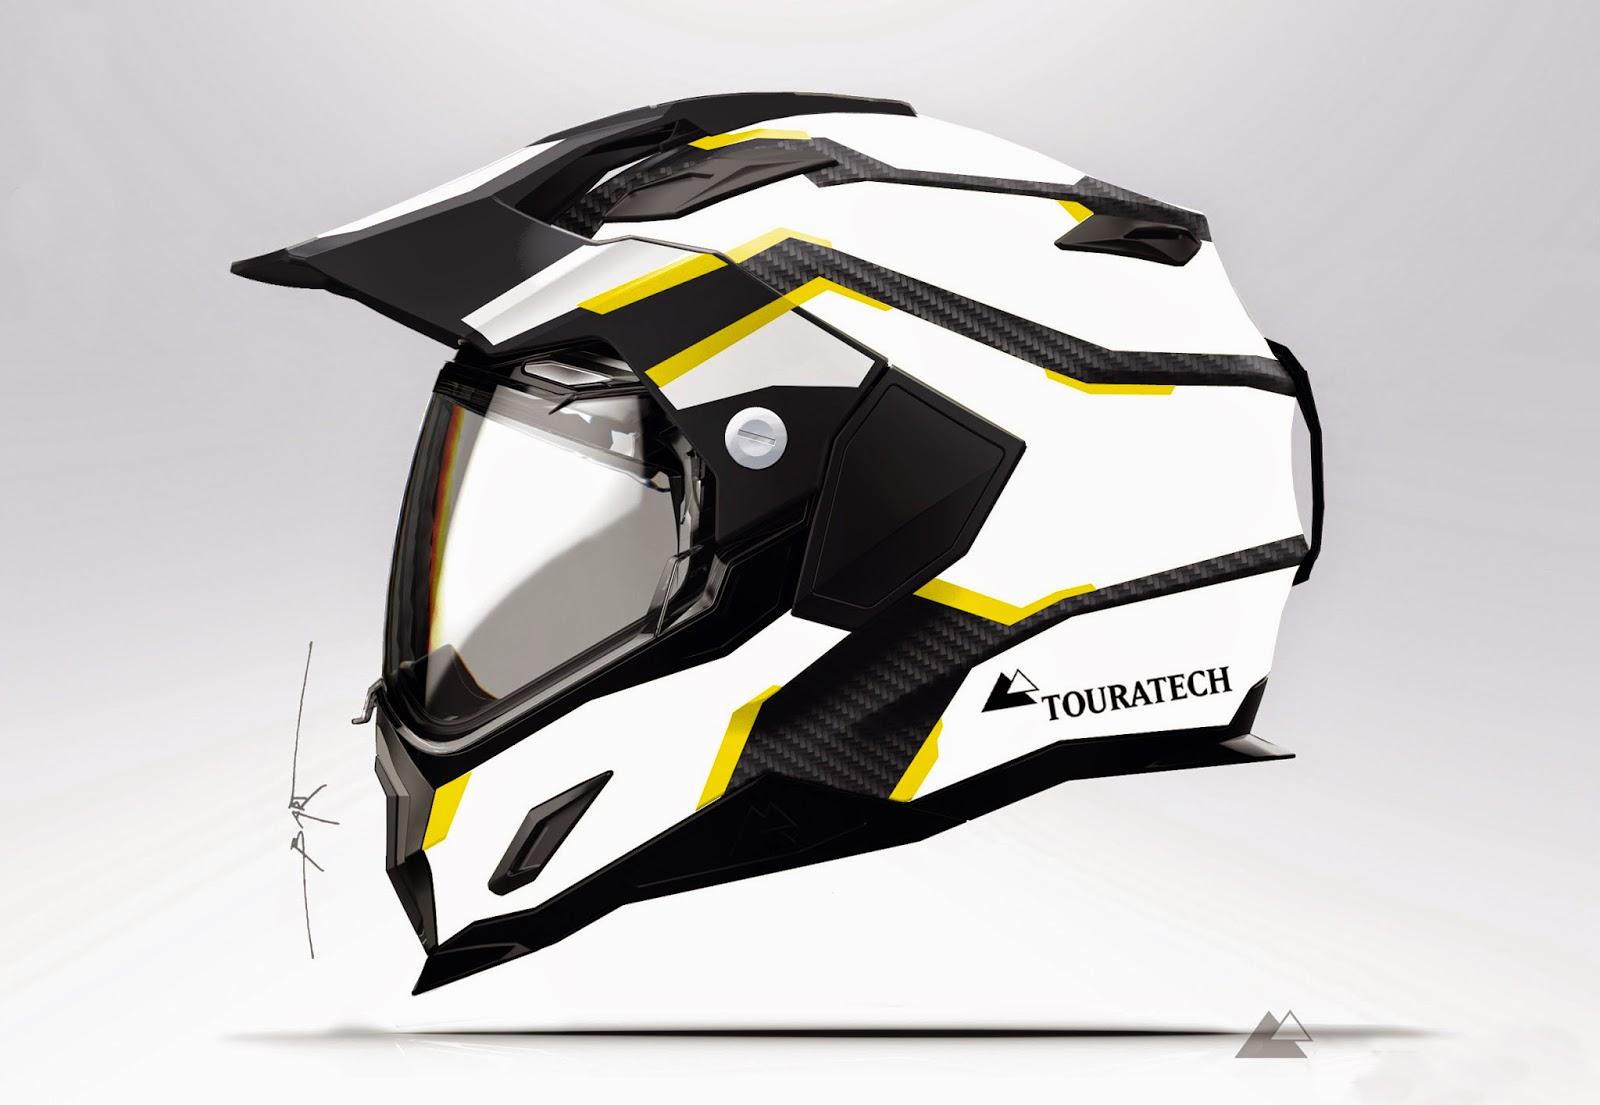 Touratech-CZ  Nová ultra-lehká přilba Touratech Aventuro Carbon 70f91cc7f9